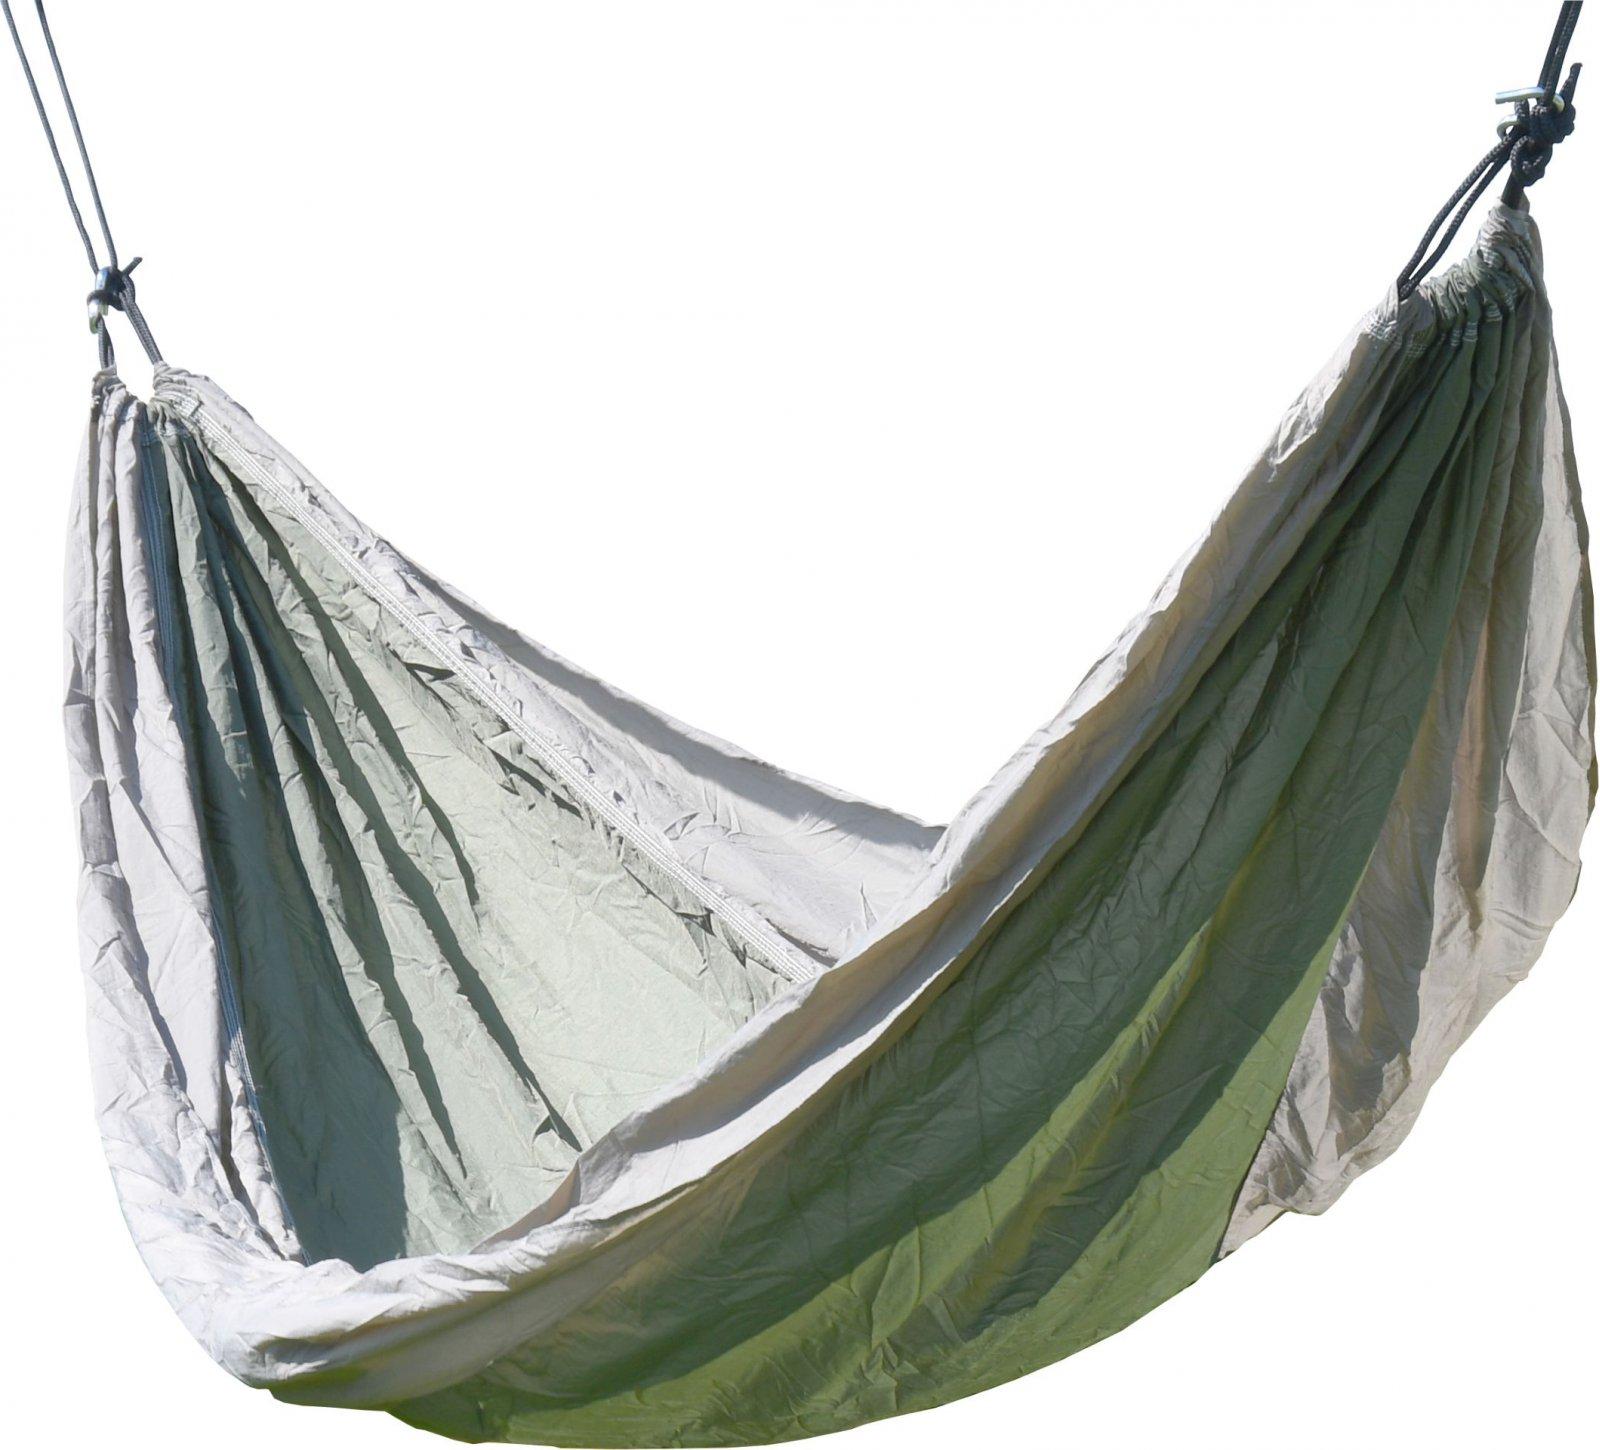 7f112918c2763 Cattara Nylon 275 x 137cm zeleno-hnědá od 377 Kč | Zboží.cz